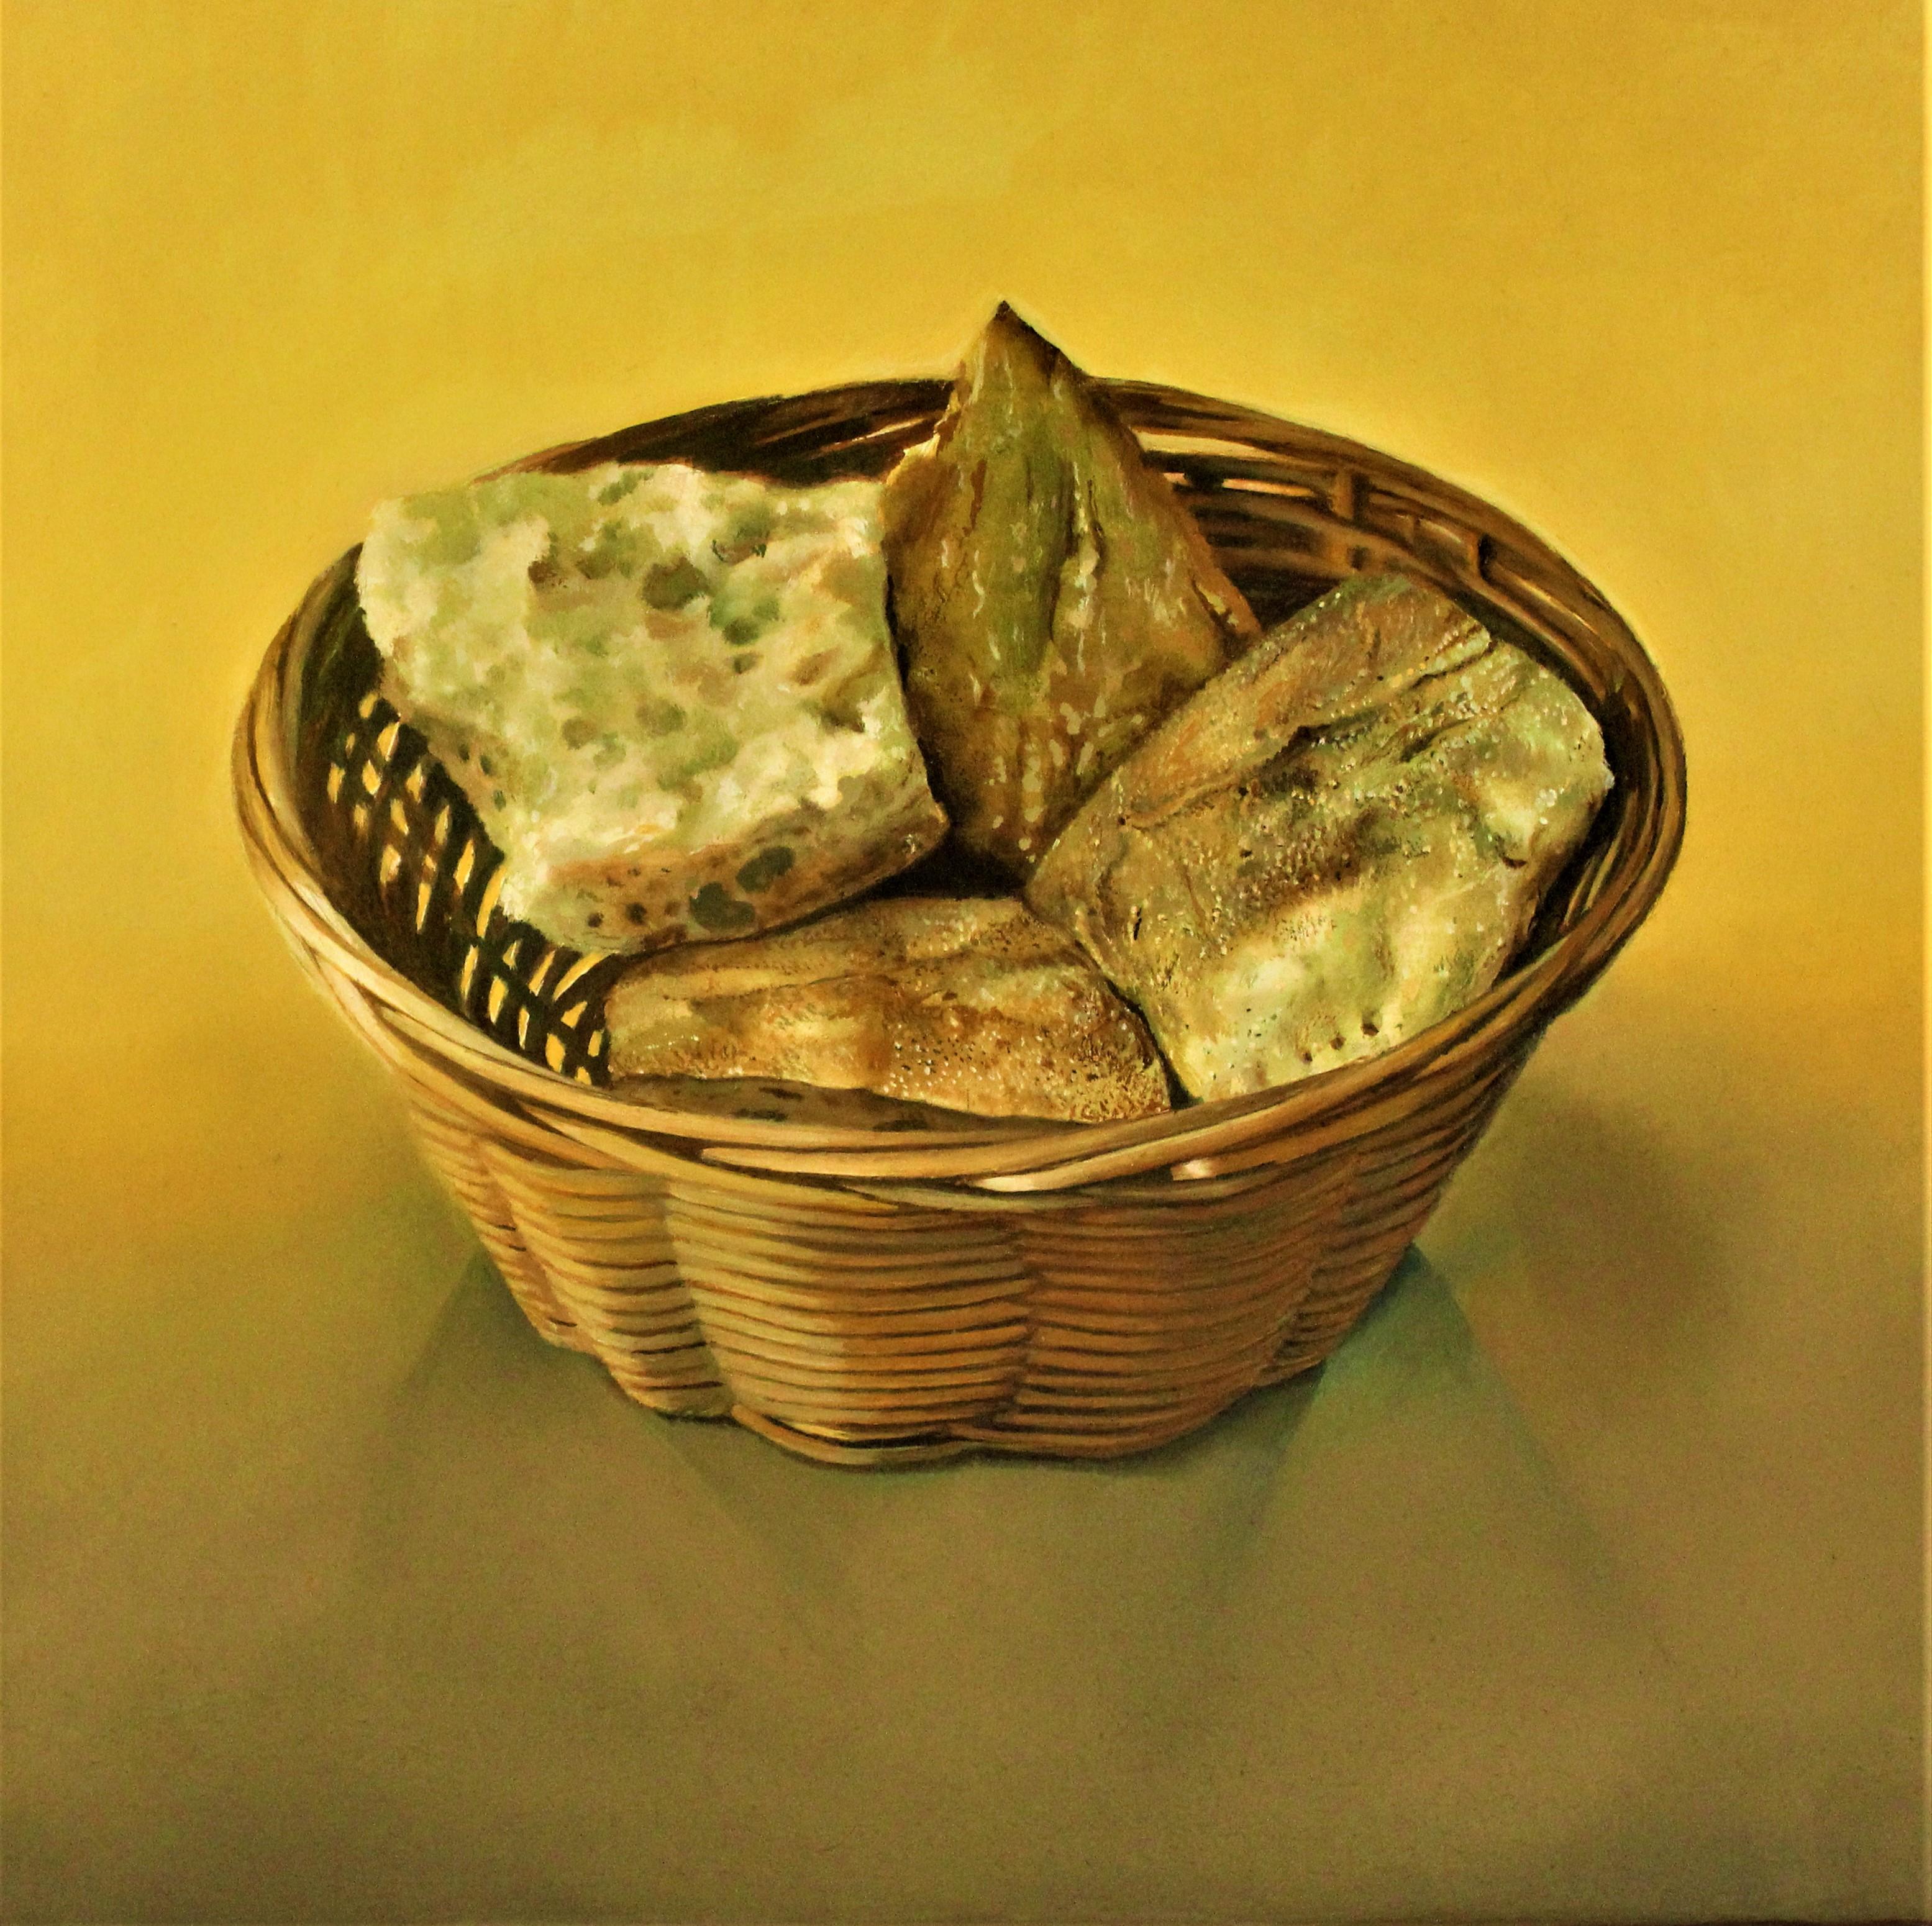 arabian bread ready